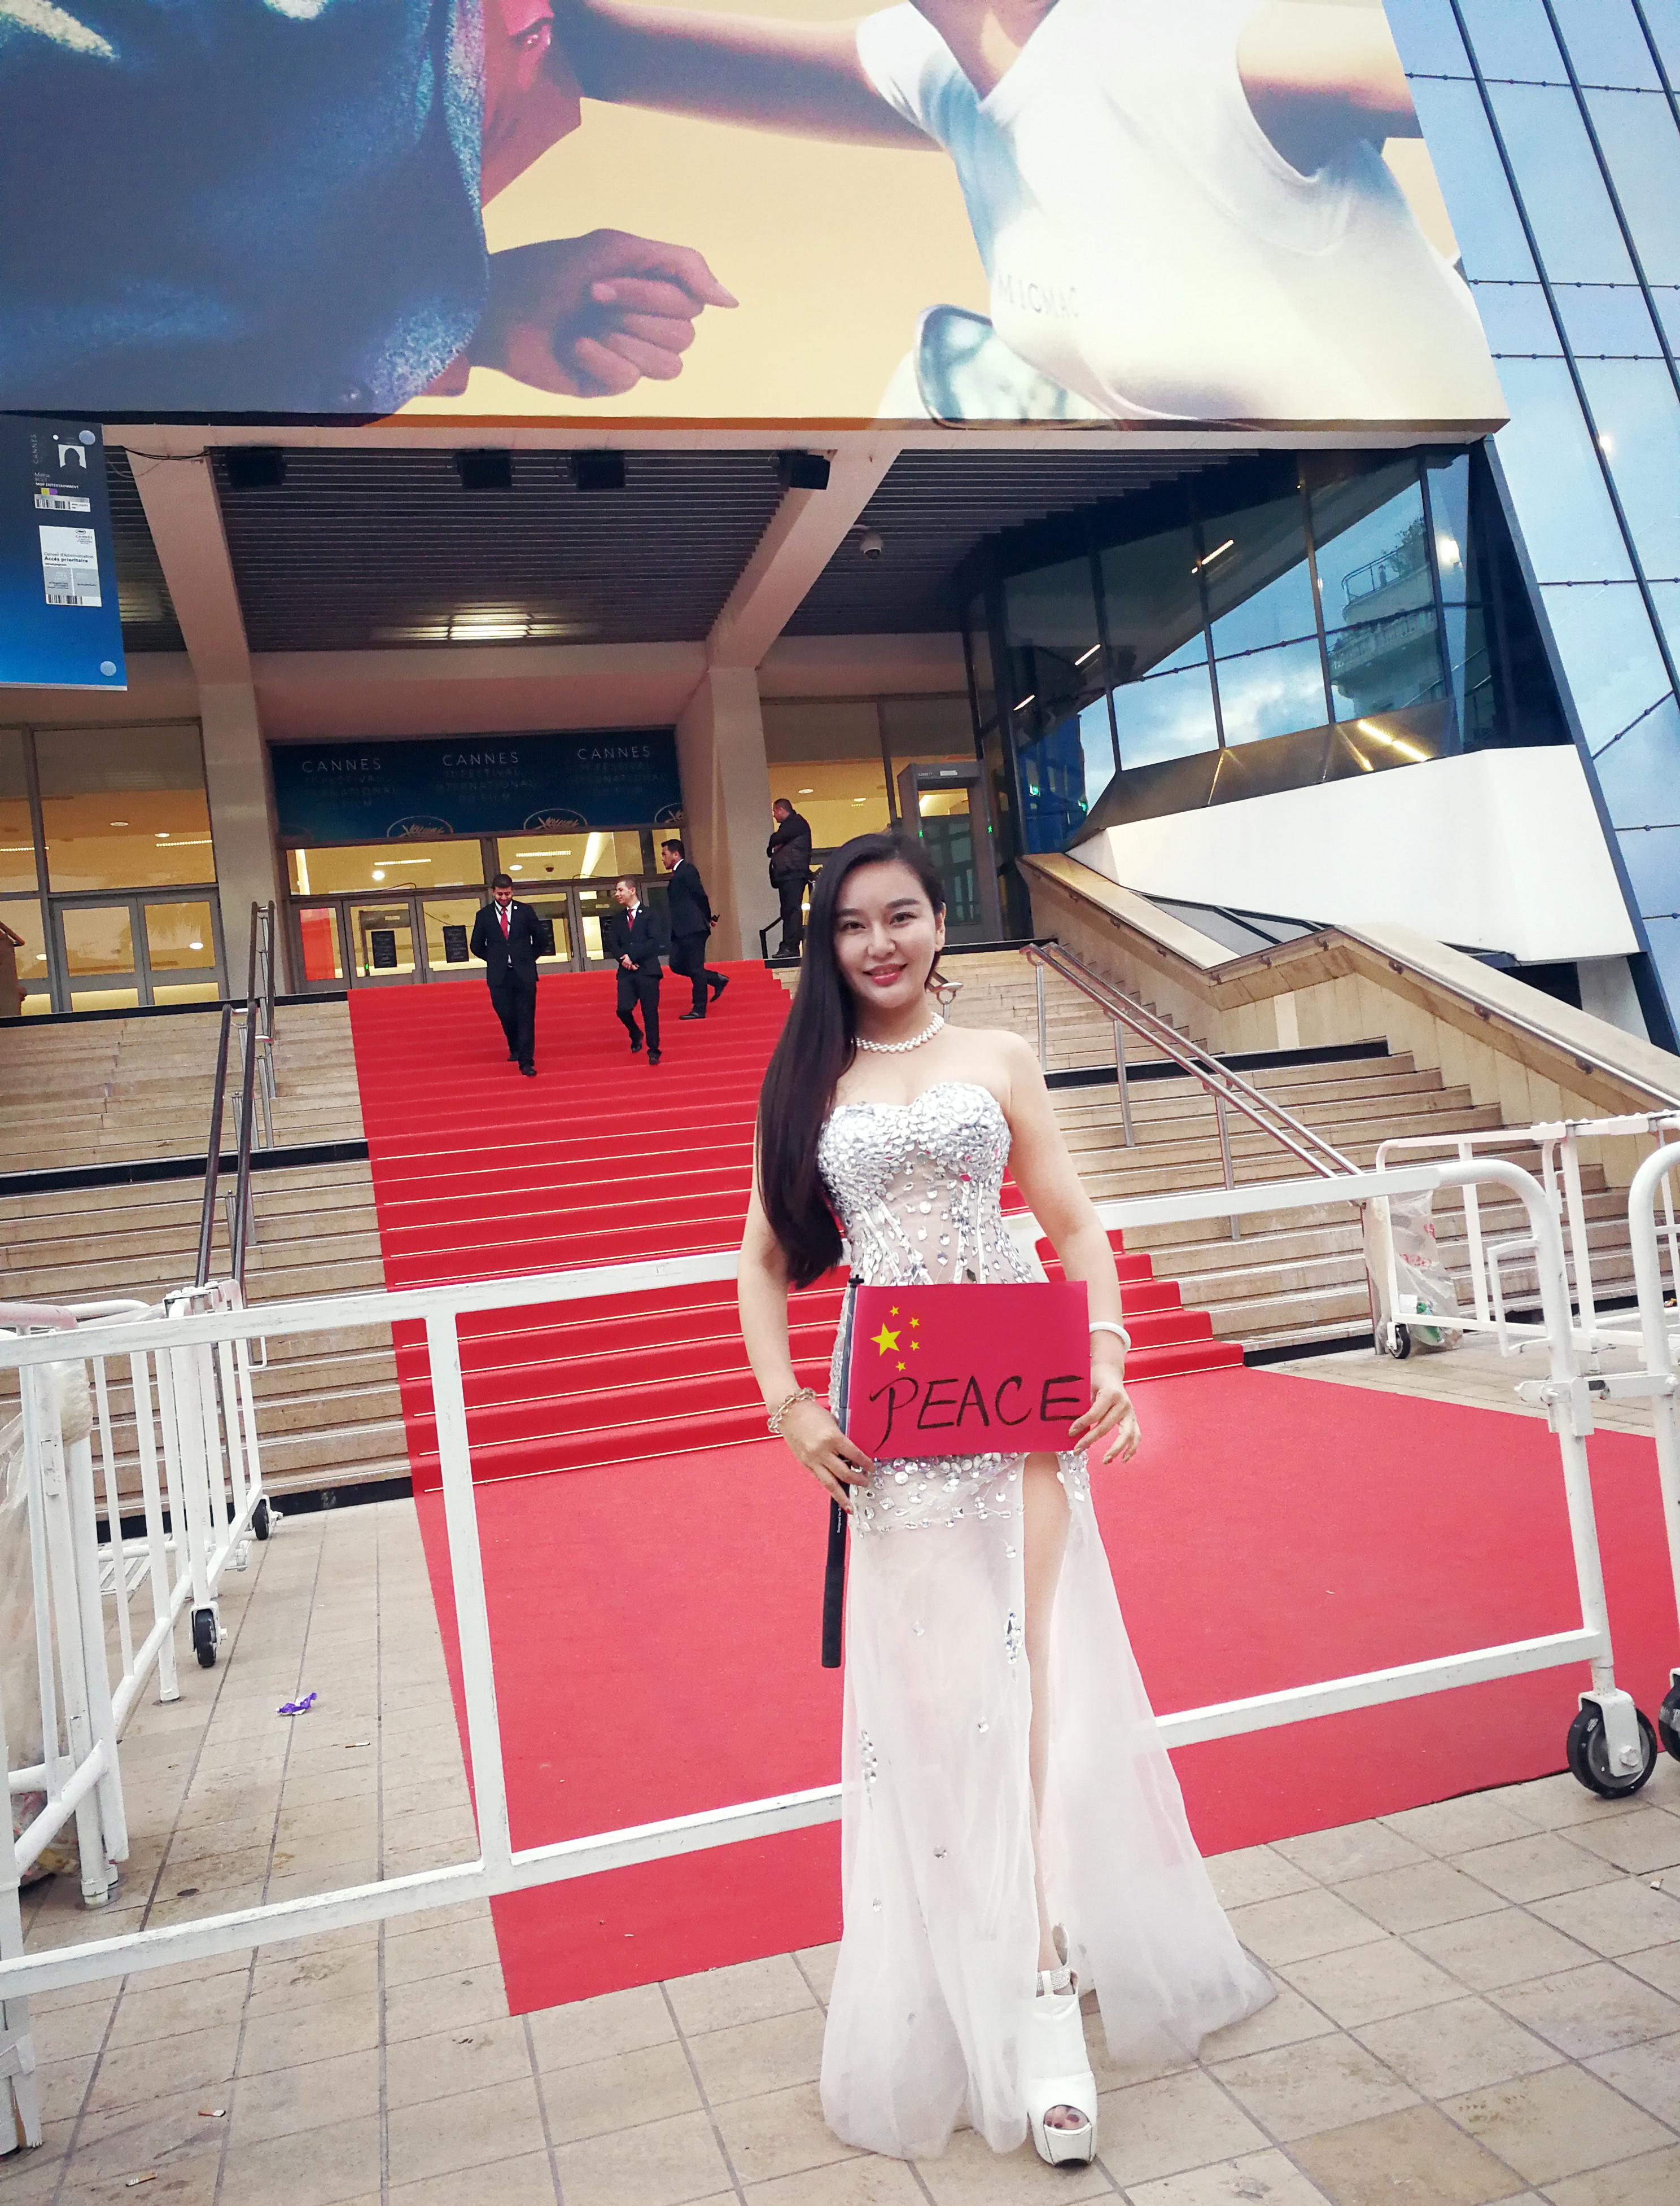 戛纳电影节上,惊现电影和平,她呼吁五星红旗红旗高举三个臭皮匠女神图片